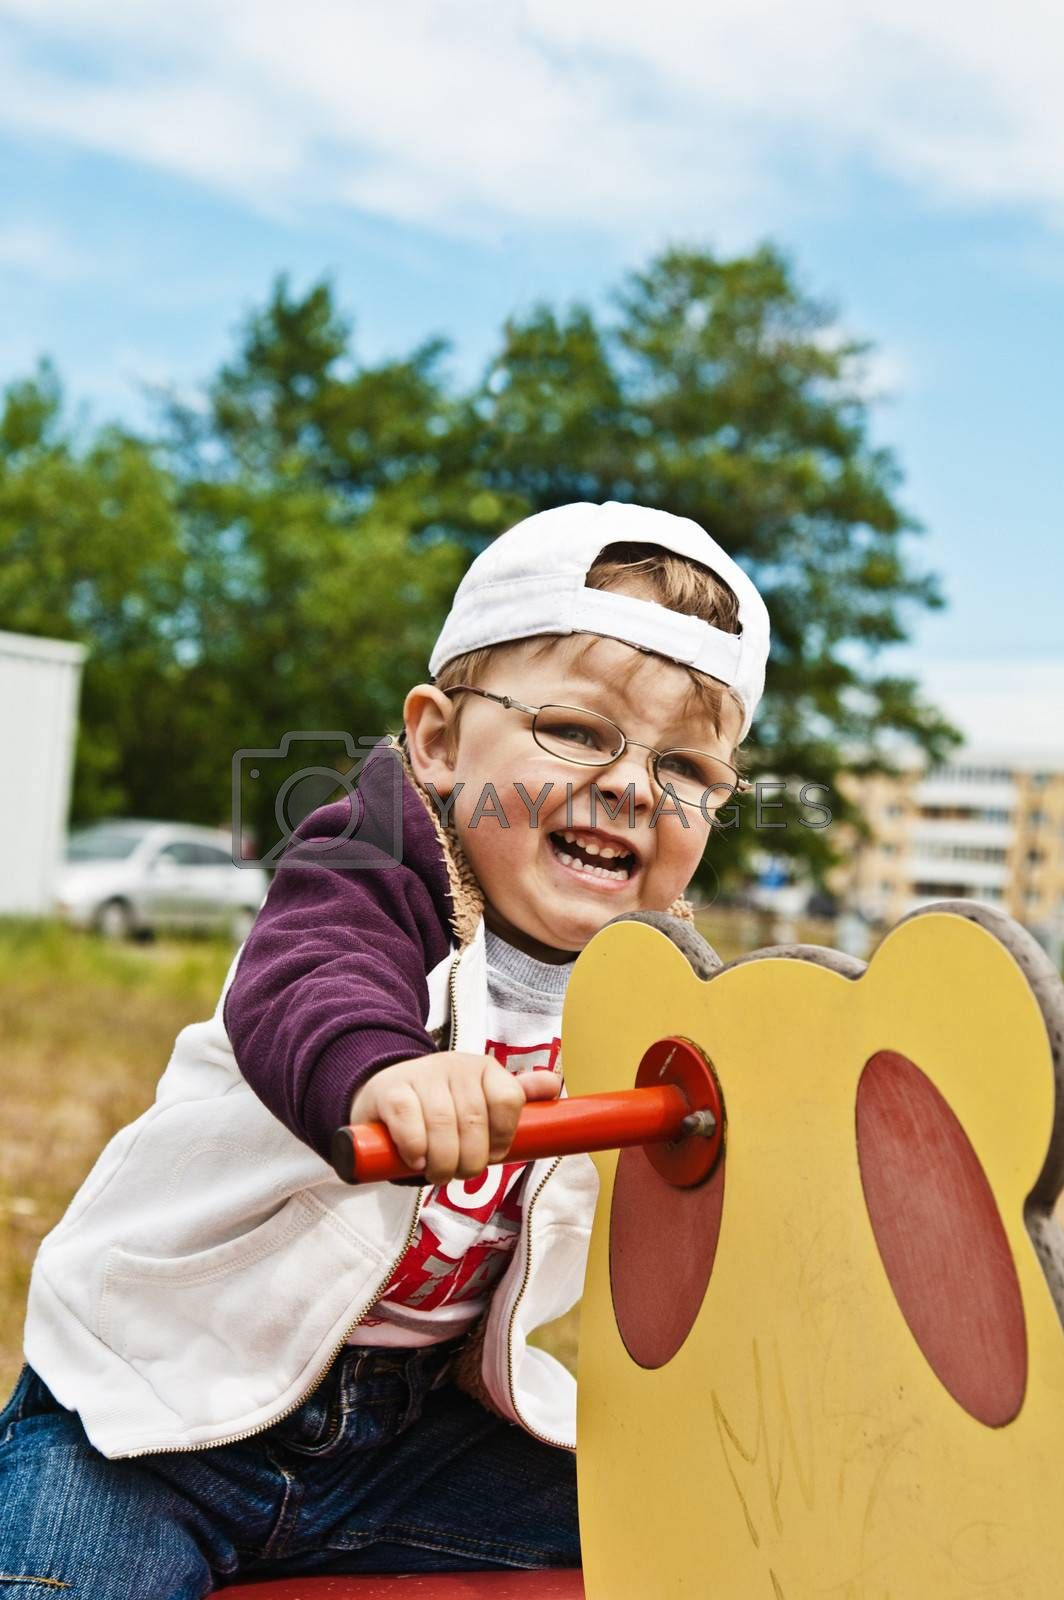 Little boy is himself a biker, swinging on a swing